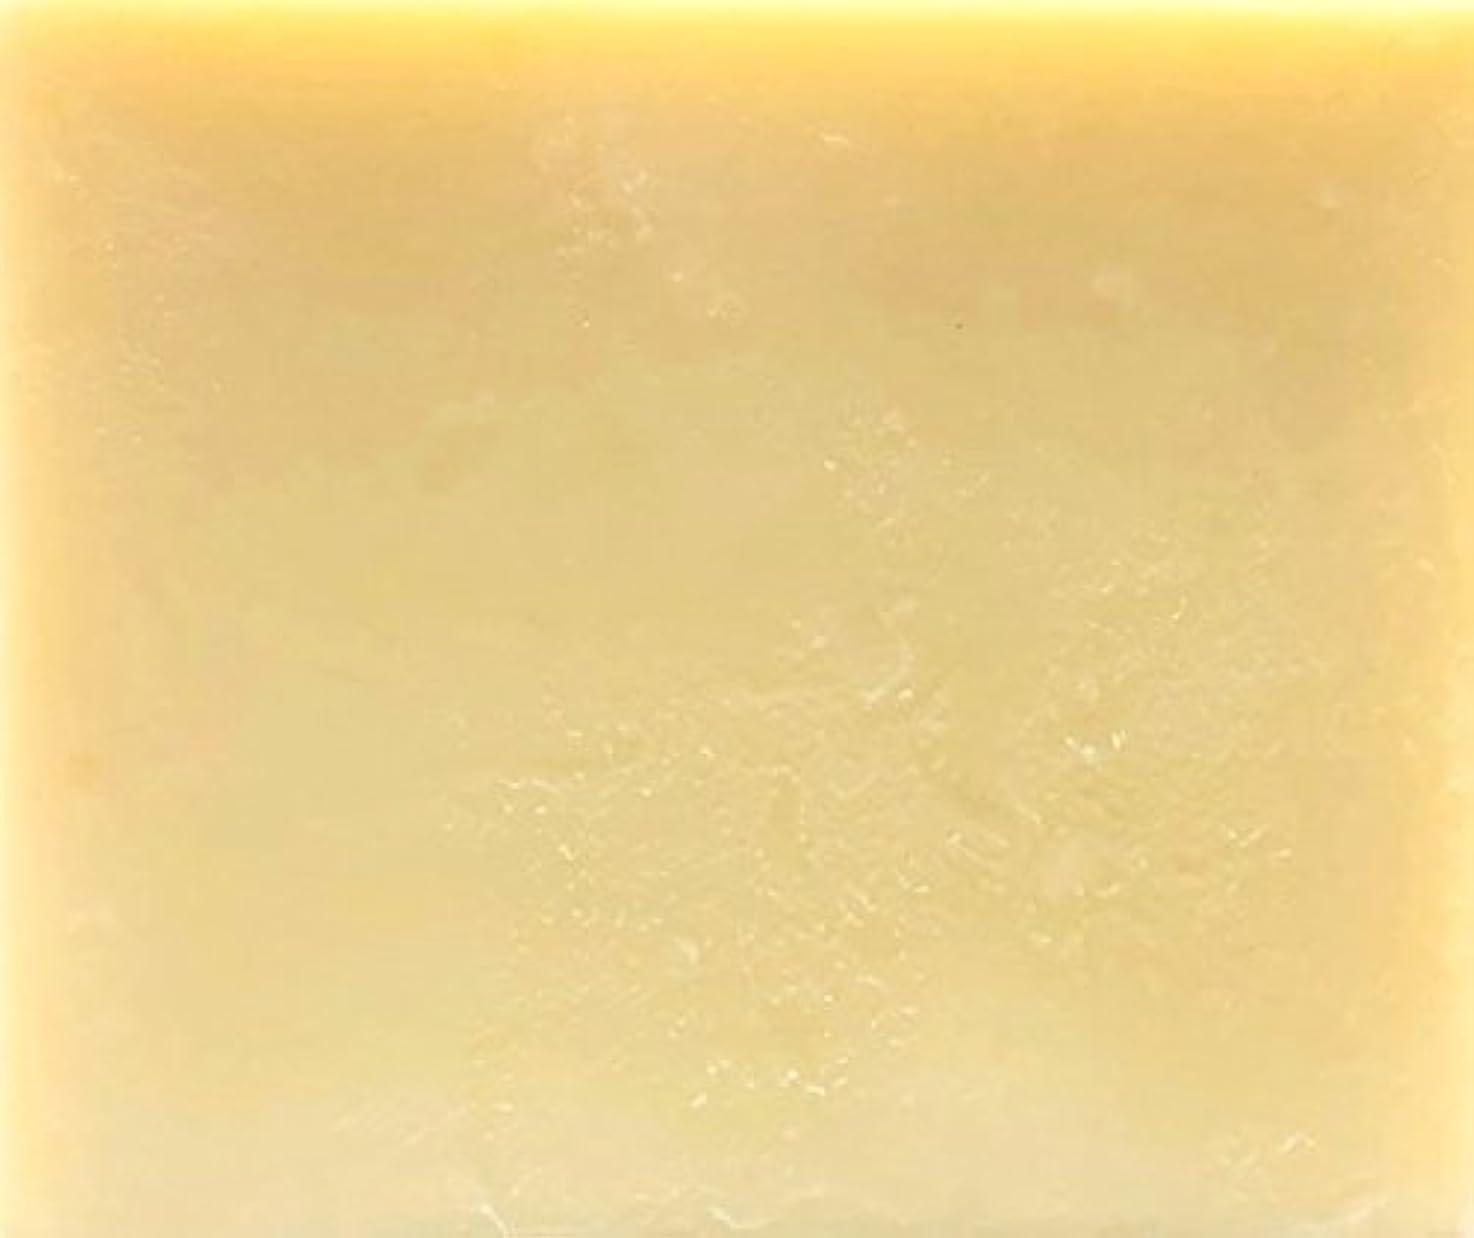 差し迫ったスロースナッチ篠山石鹸 杉 90g 自家製精油でコールドプロセス製法で作った手作り石けん